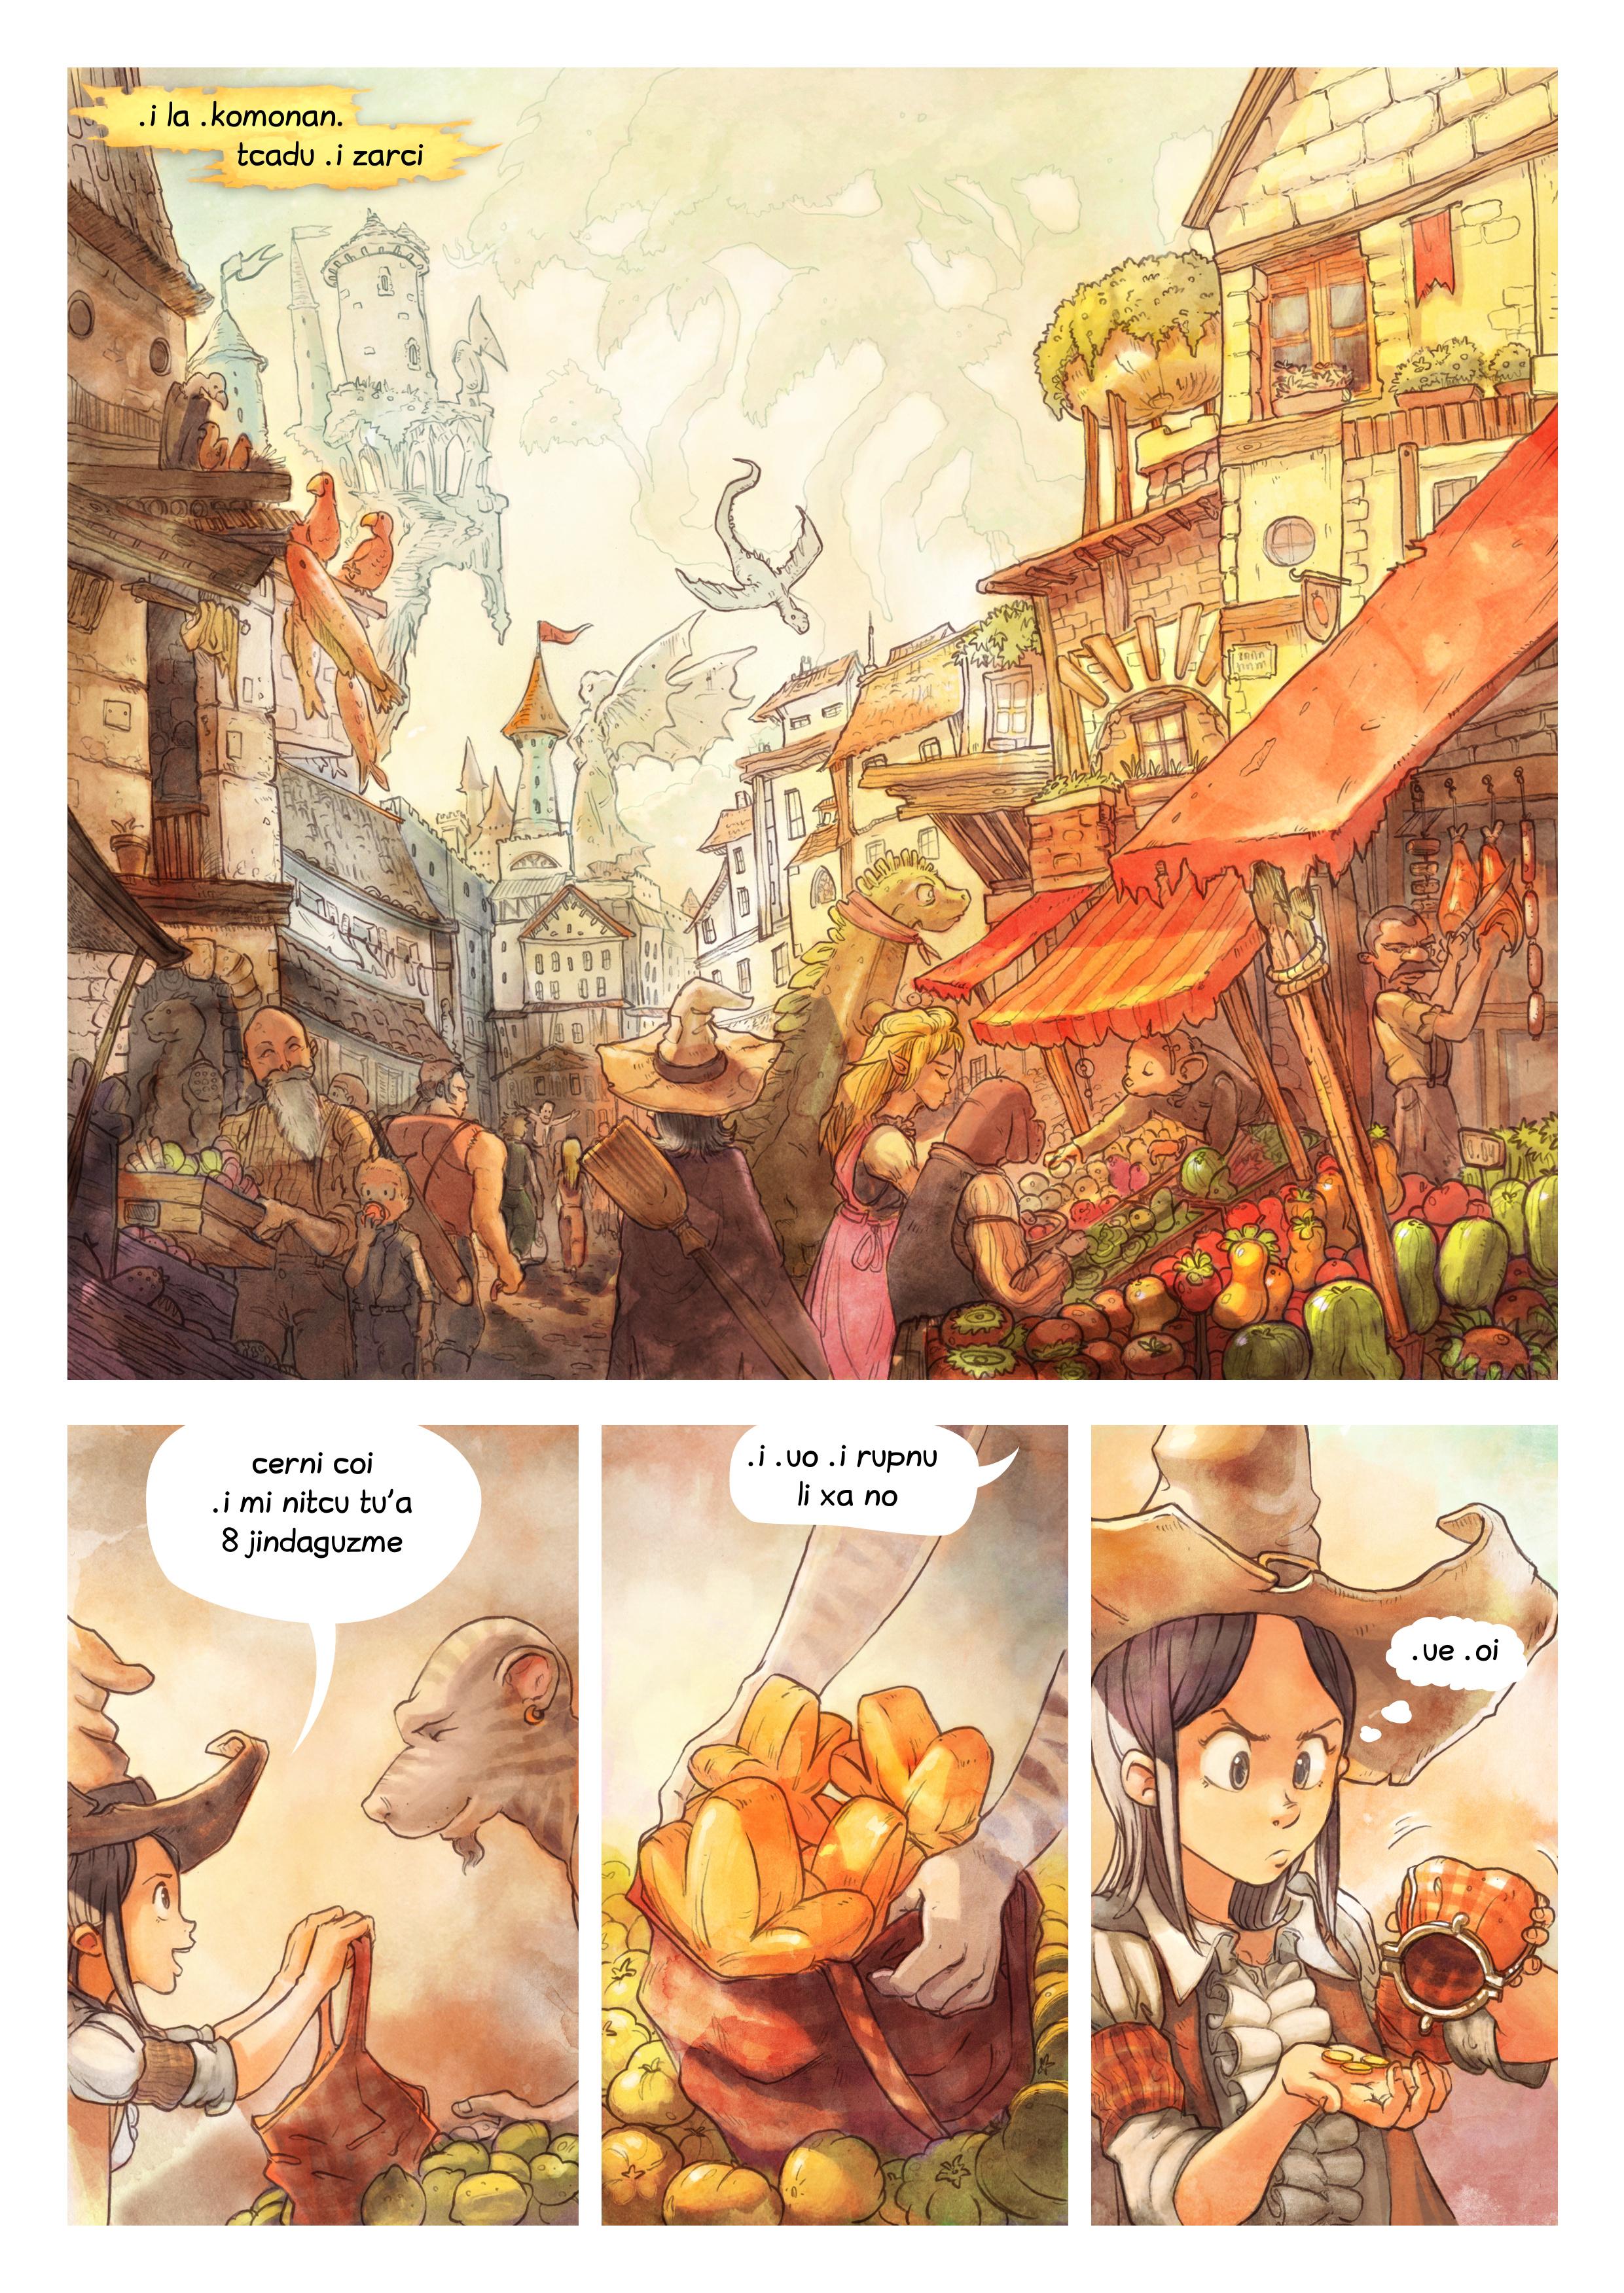 i 3 mo'o lisri le cizra se mixre, Page 1